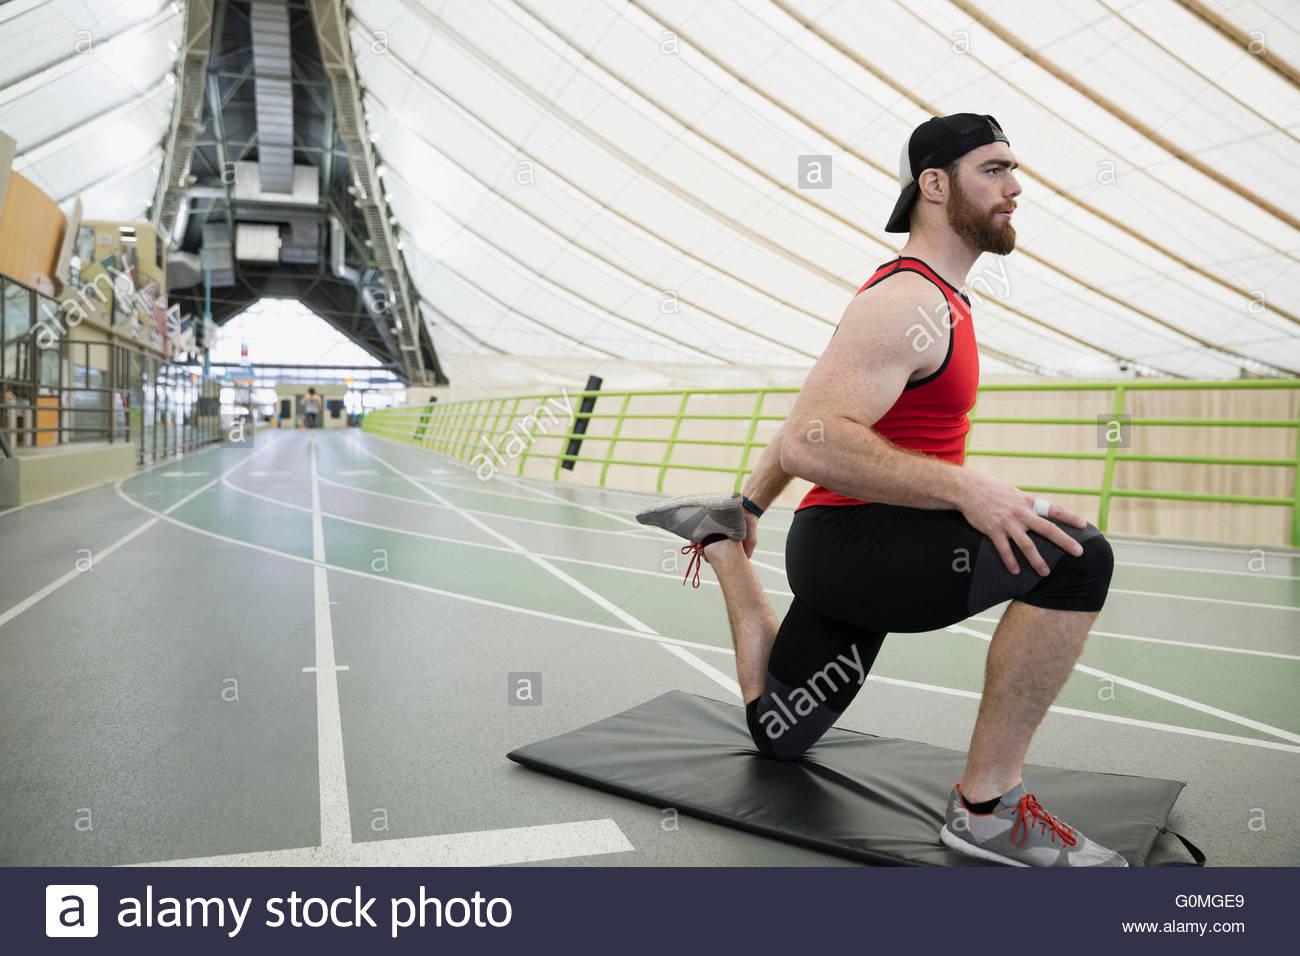 Lunge runner